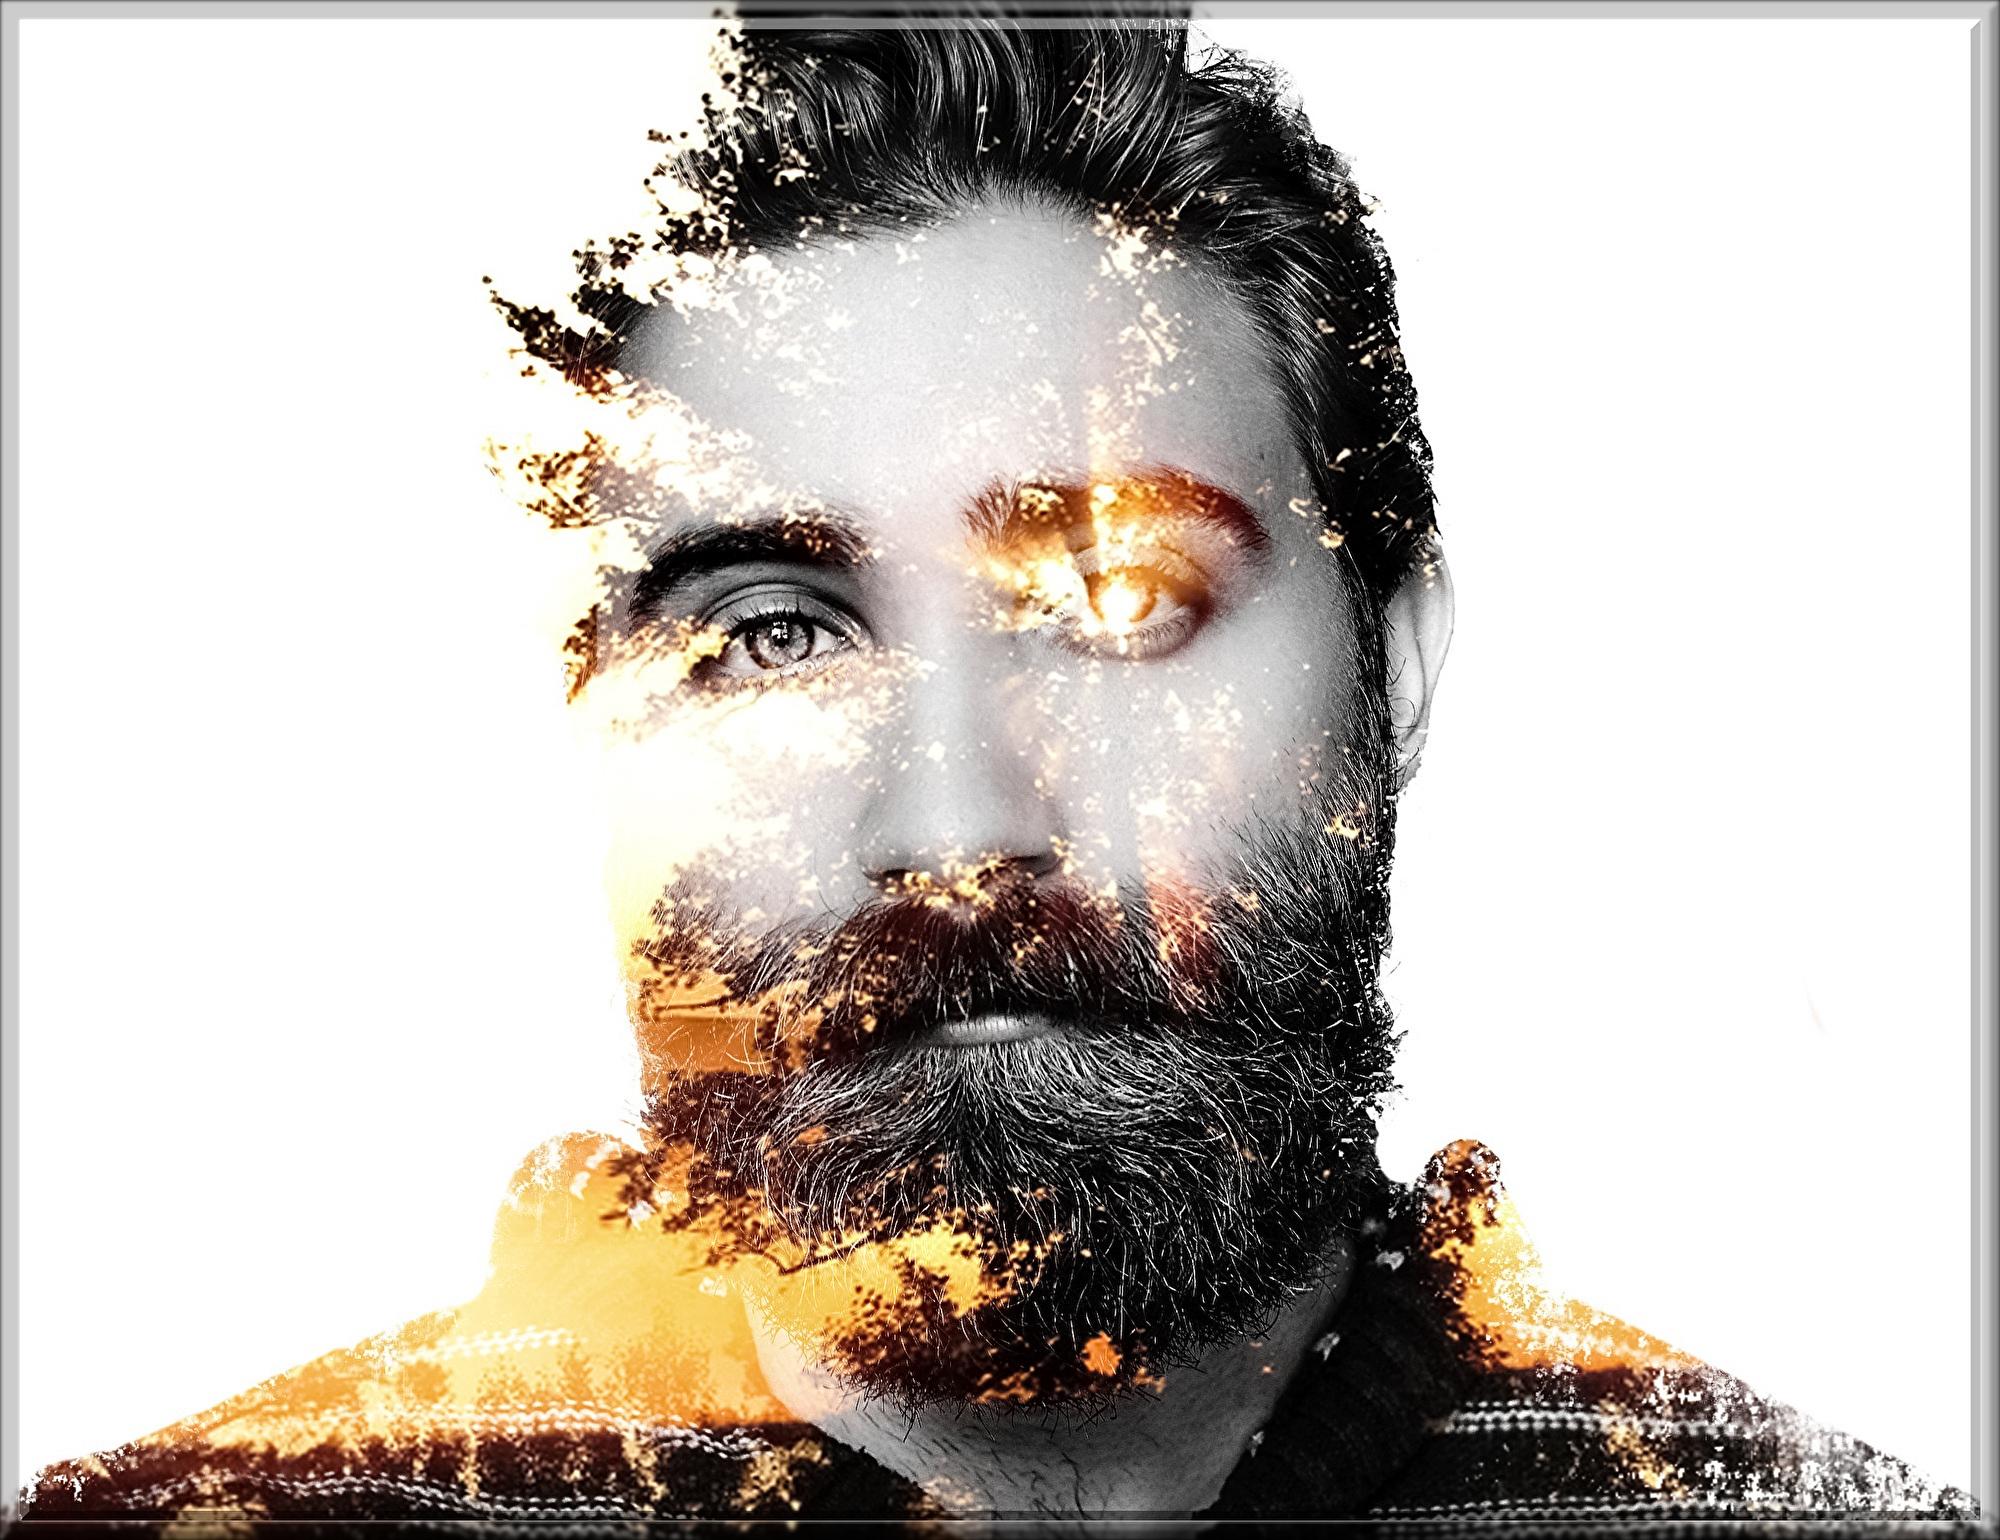 beard-2571683.jpg